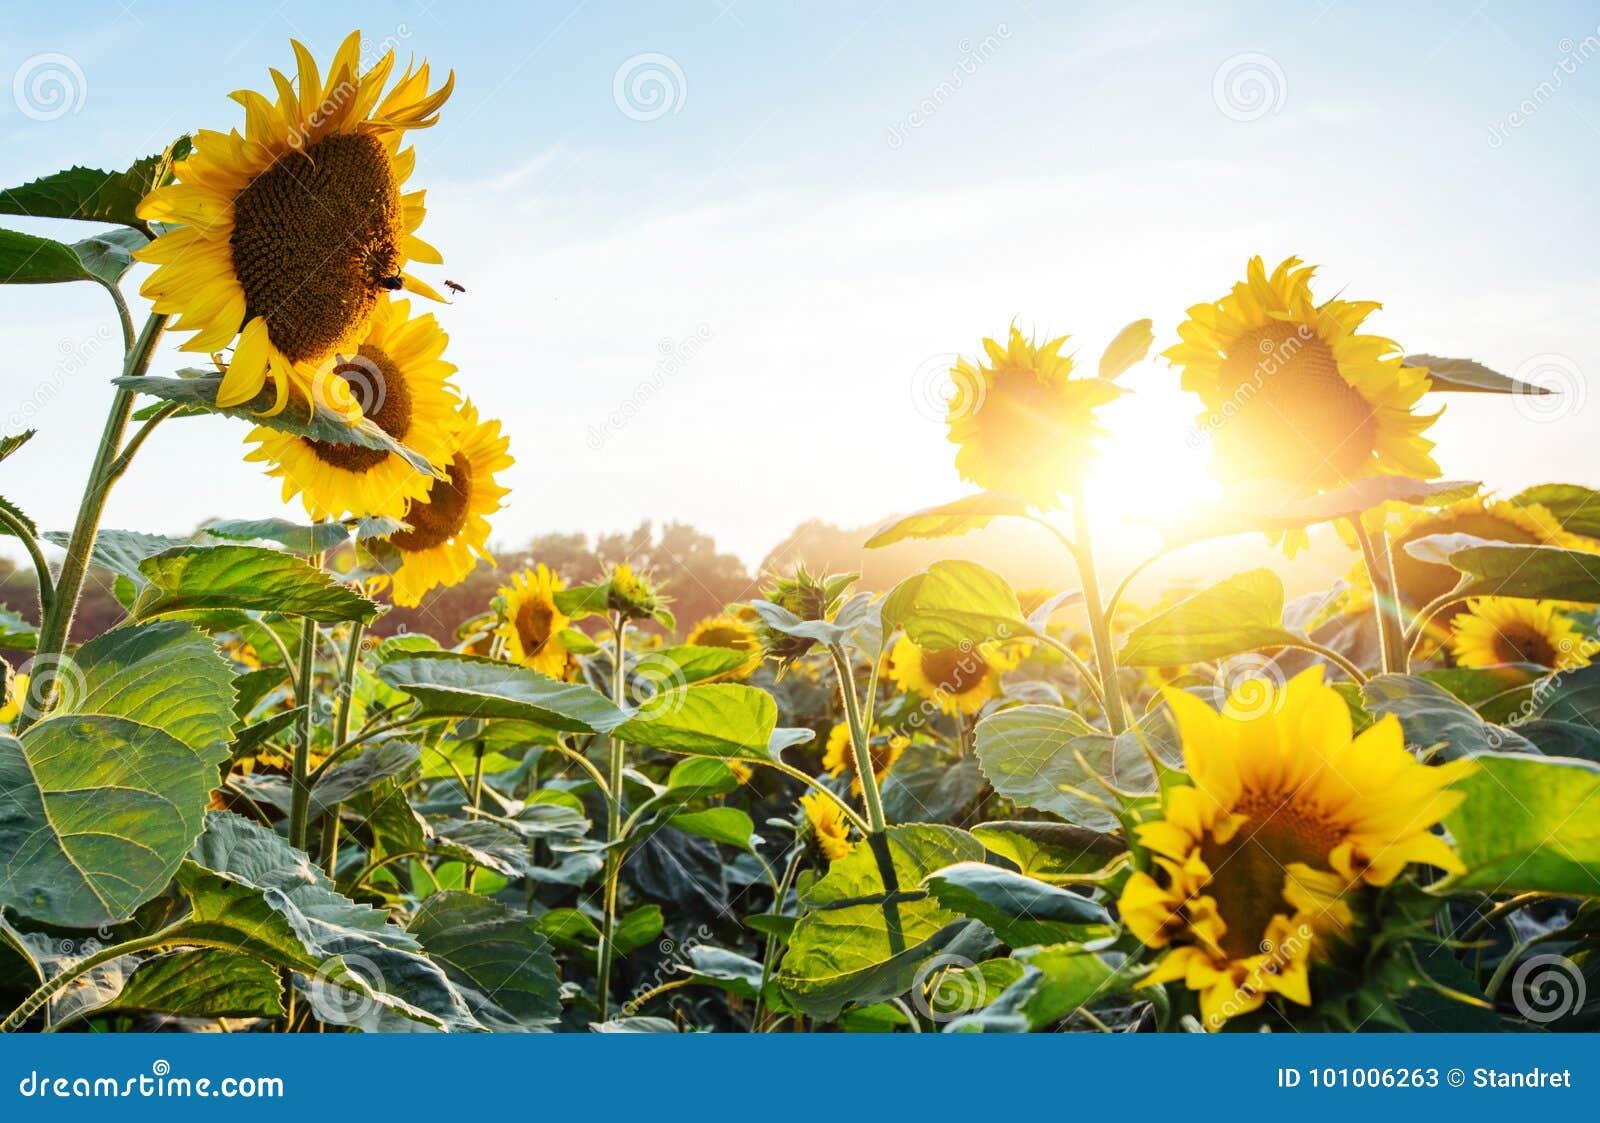 Heldere gele, oranje zonnebloembloem op zonnebloemgebied Mooi landelijk landschap van zonnebloemgebied in de zonnige zomer